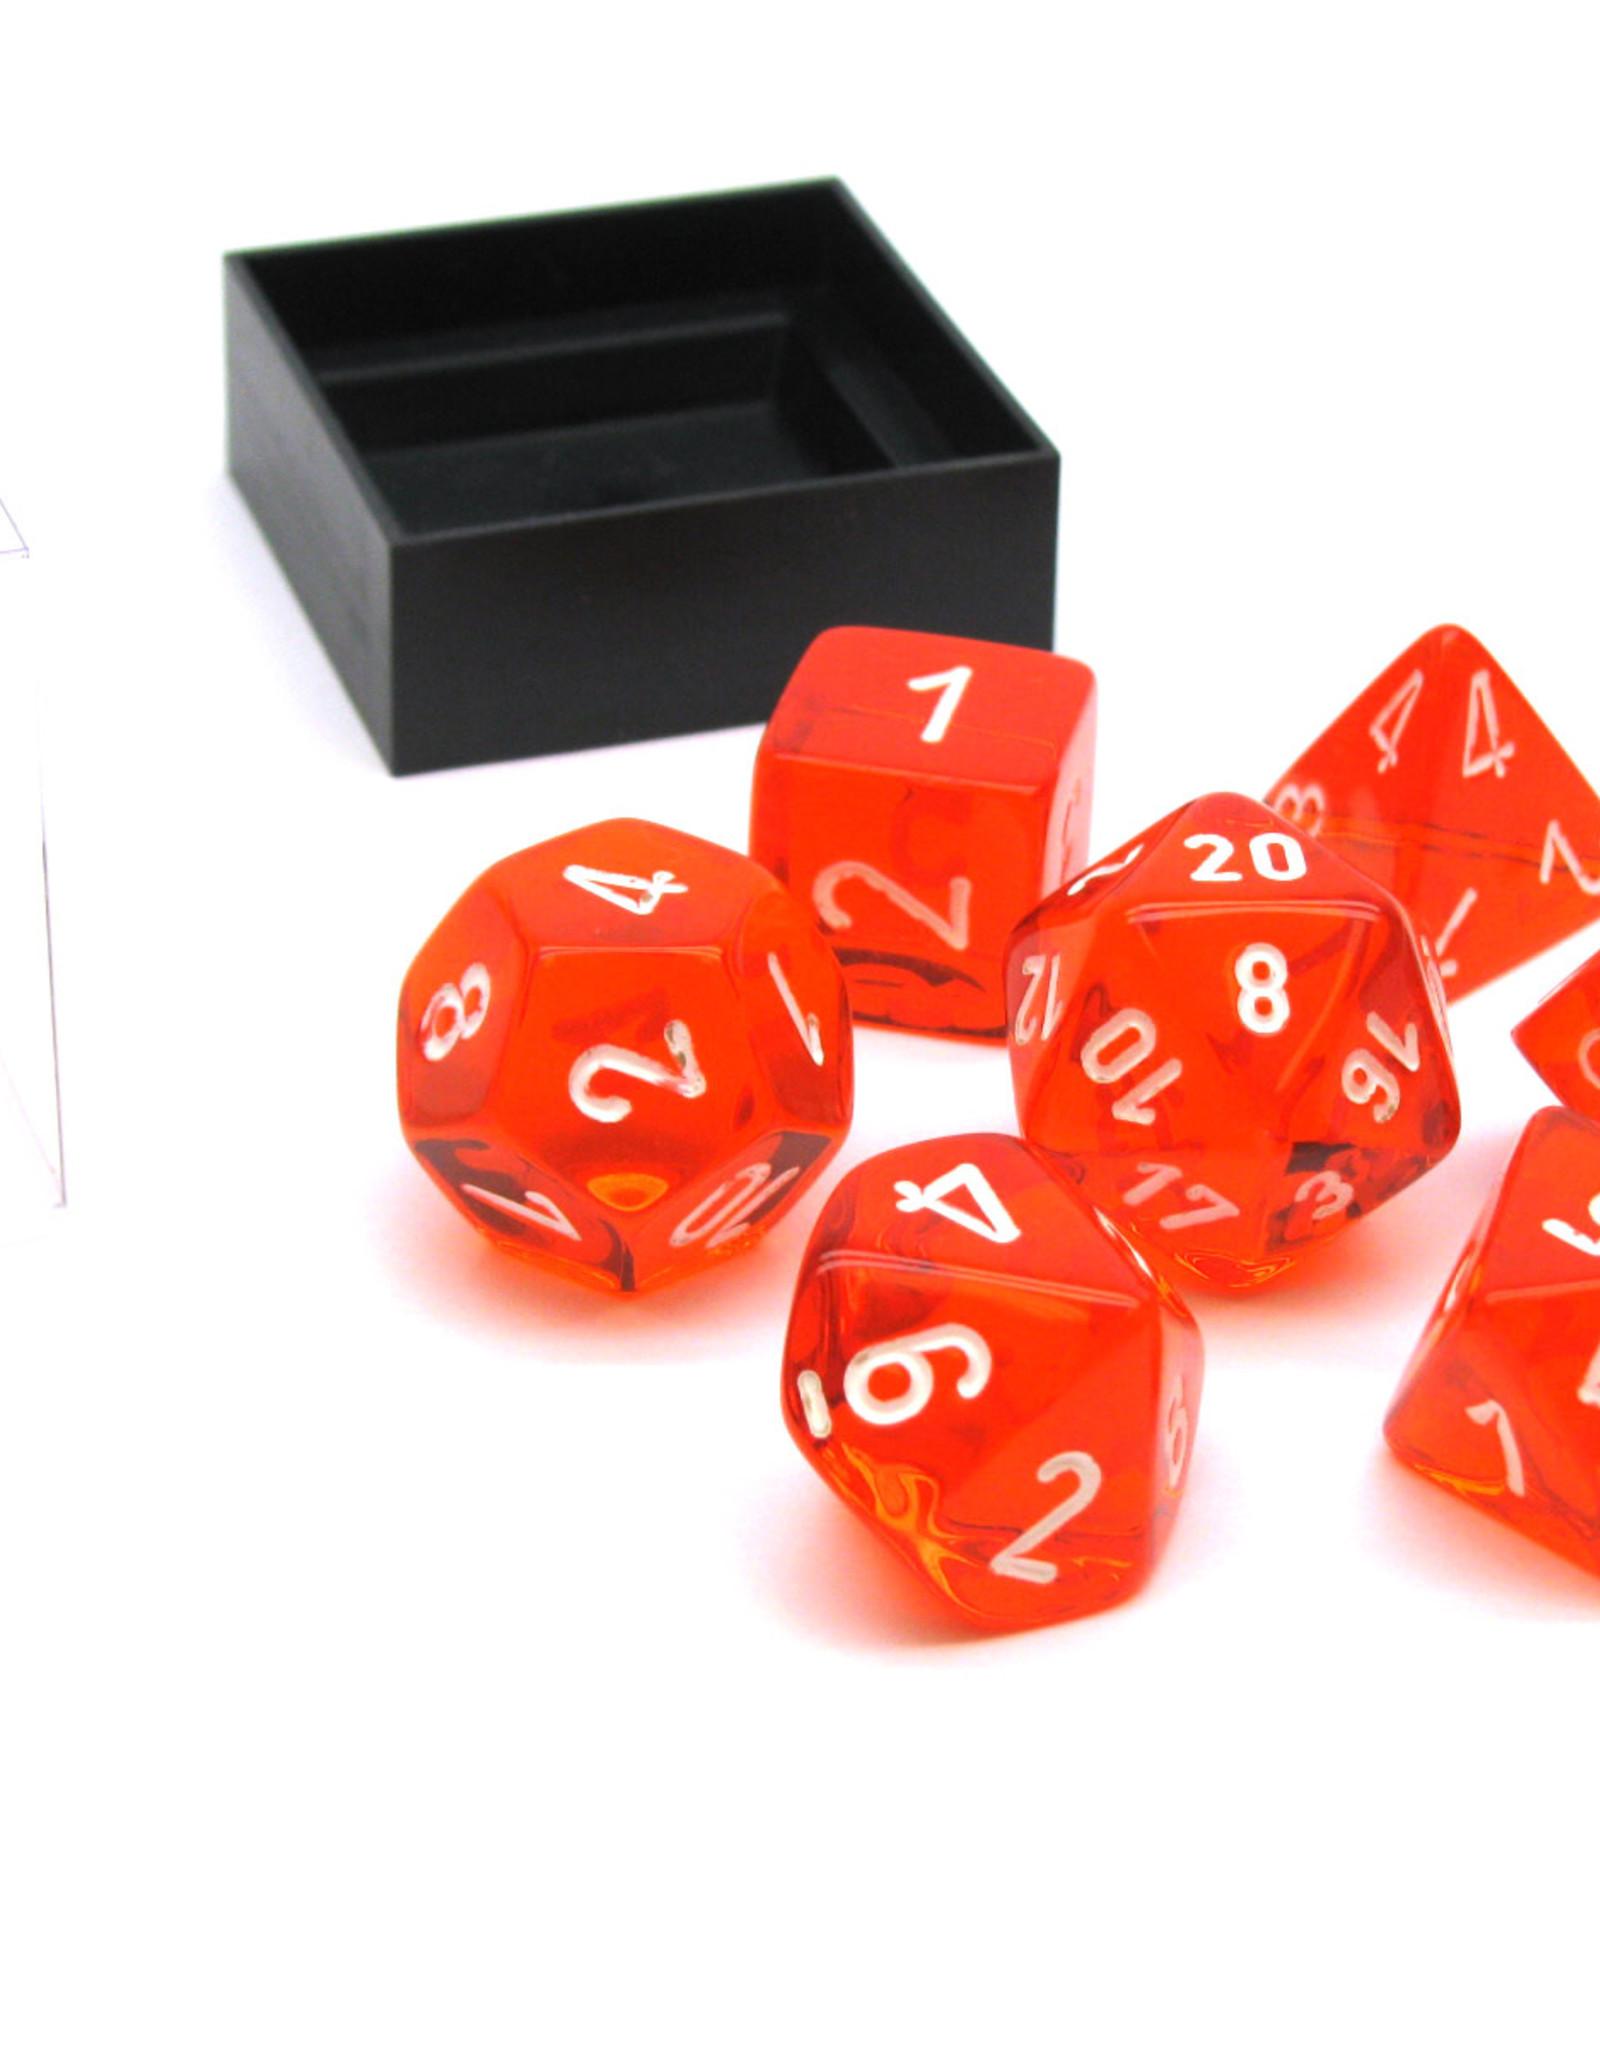 Chessex Dice Block 7ct. - Trans Orange/White